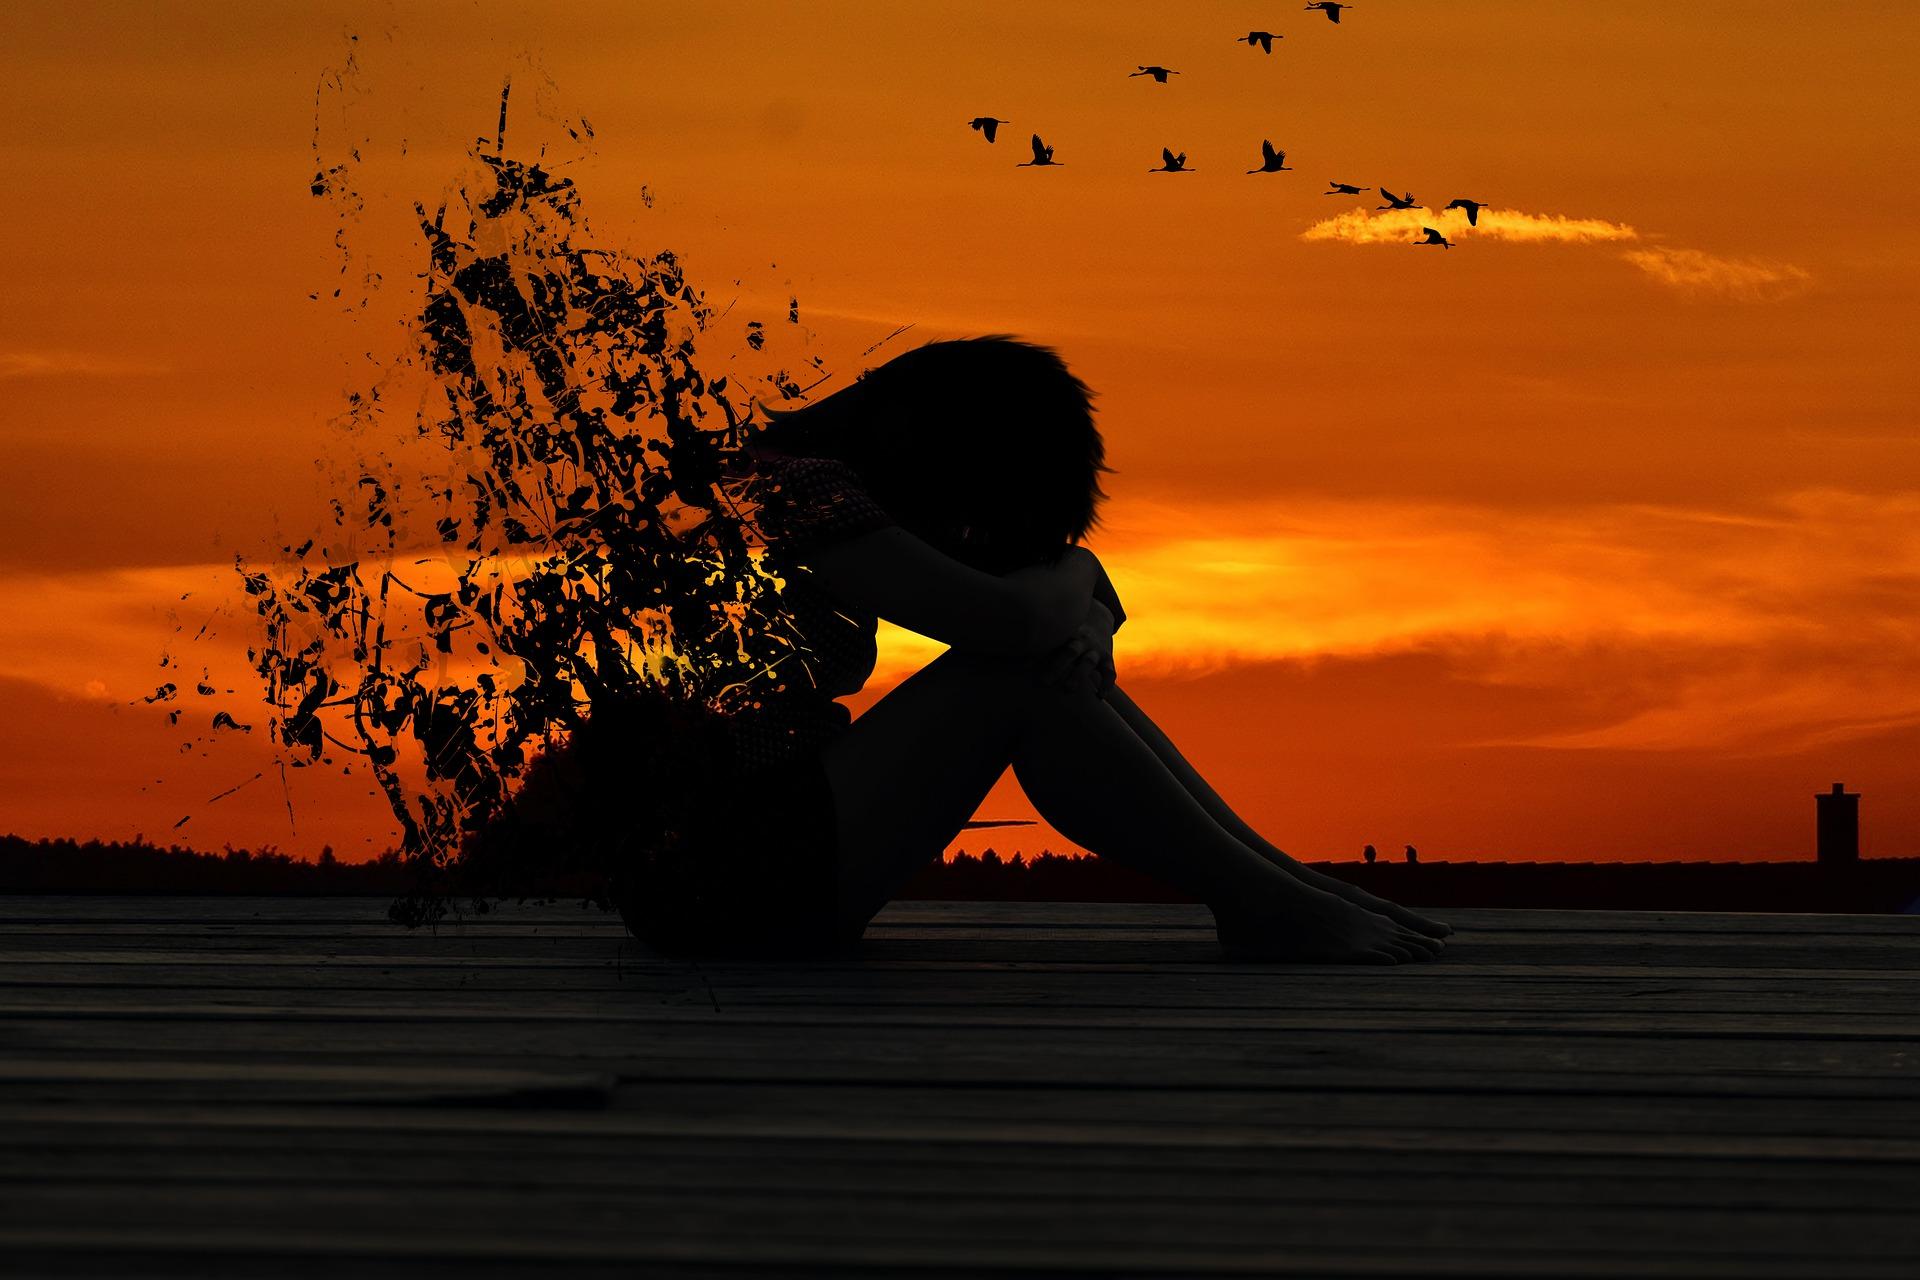 Ψυχοσωματικές Διαταραχές: Σωματοποίηση άγχους